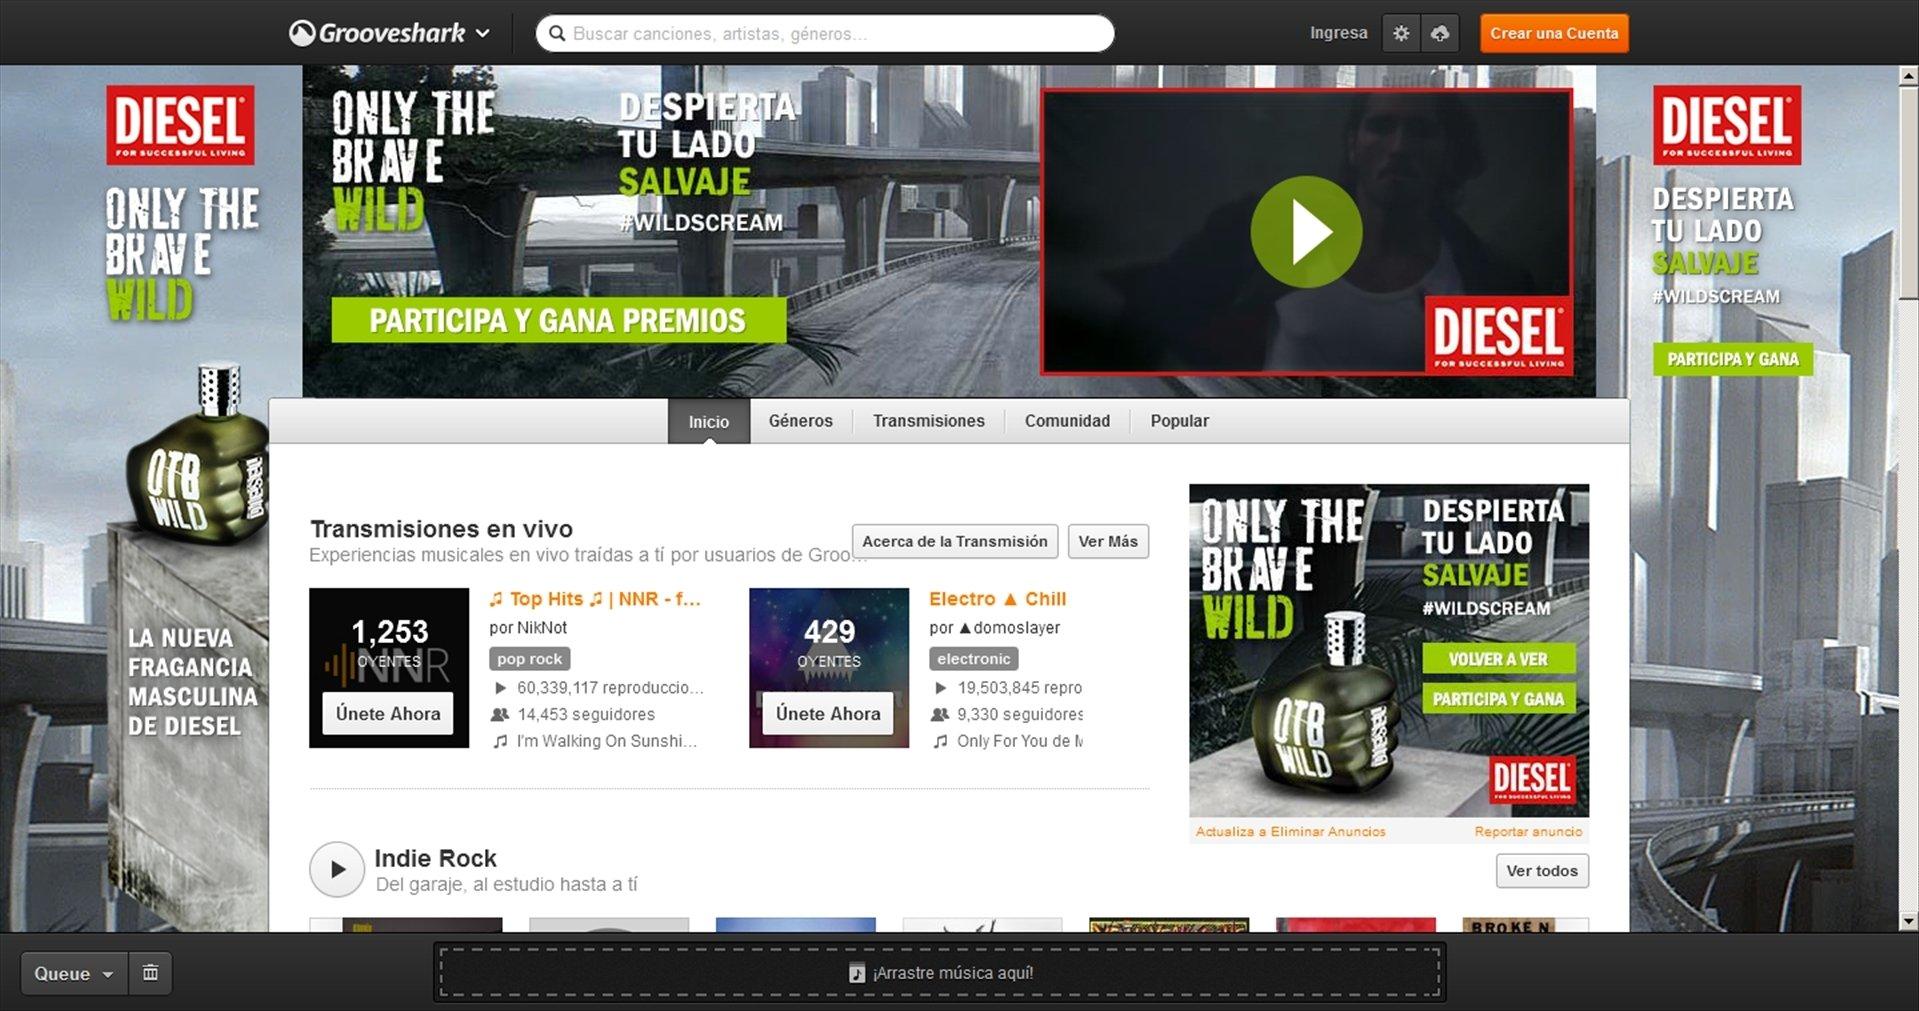 Grooveshark Webapps image 5